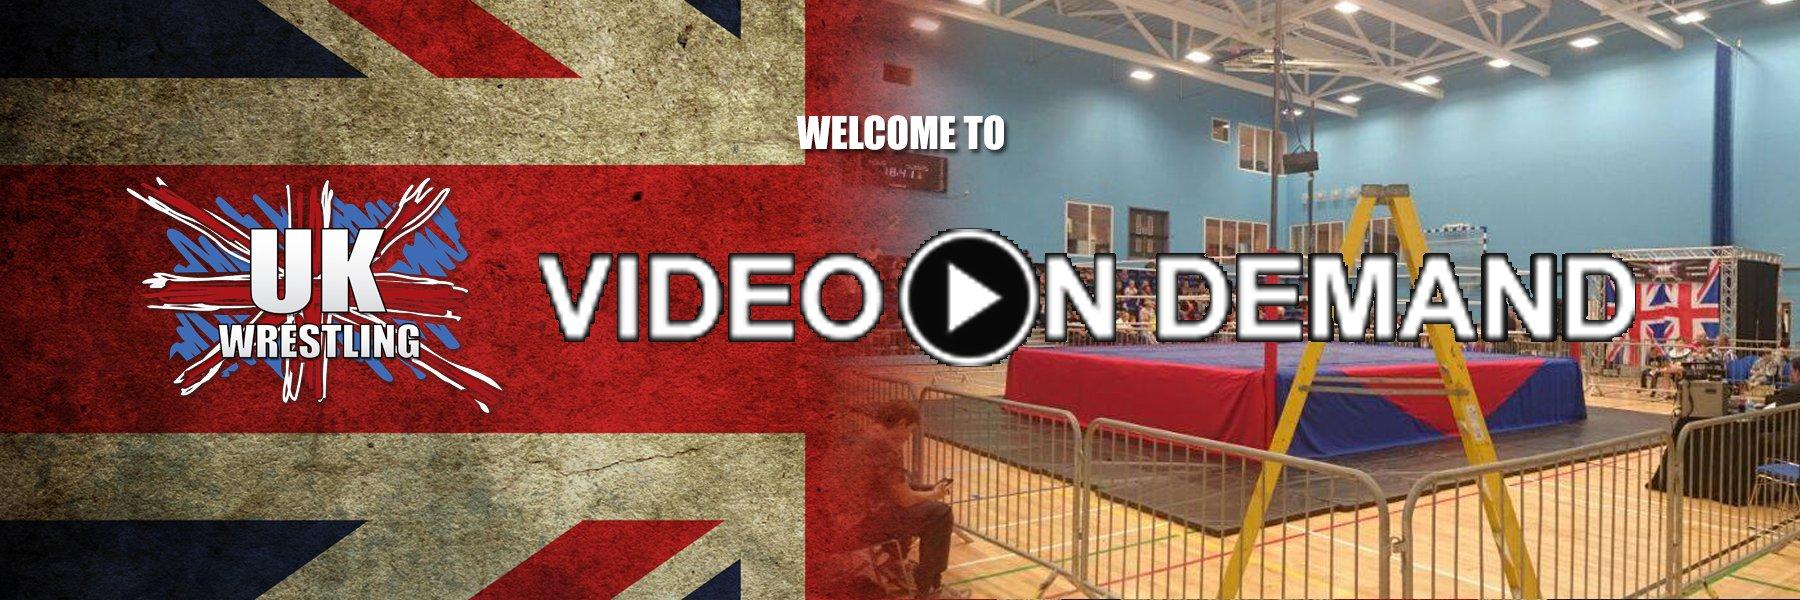 UK Wrestling 24/7